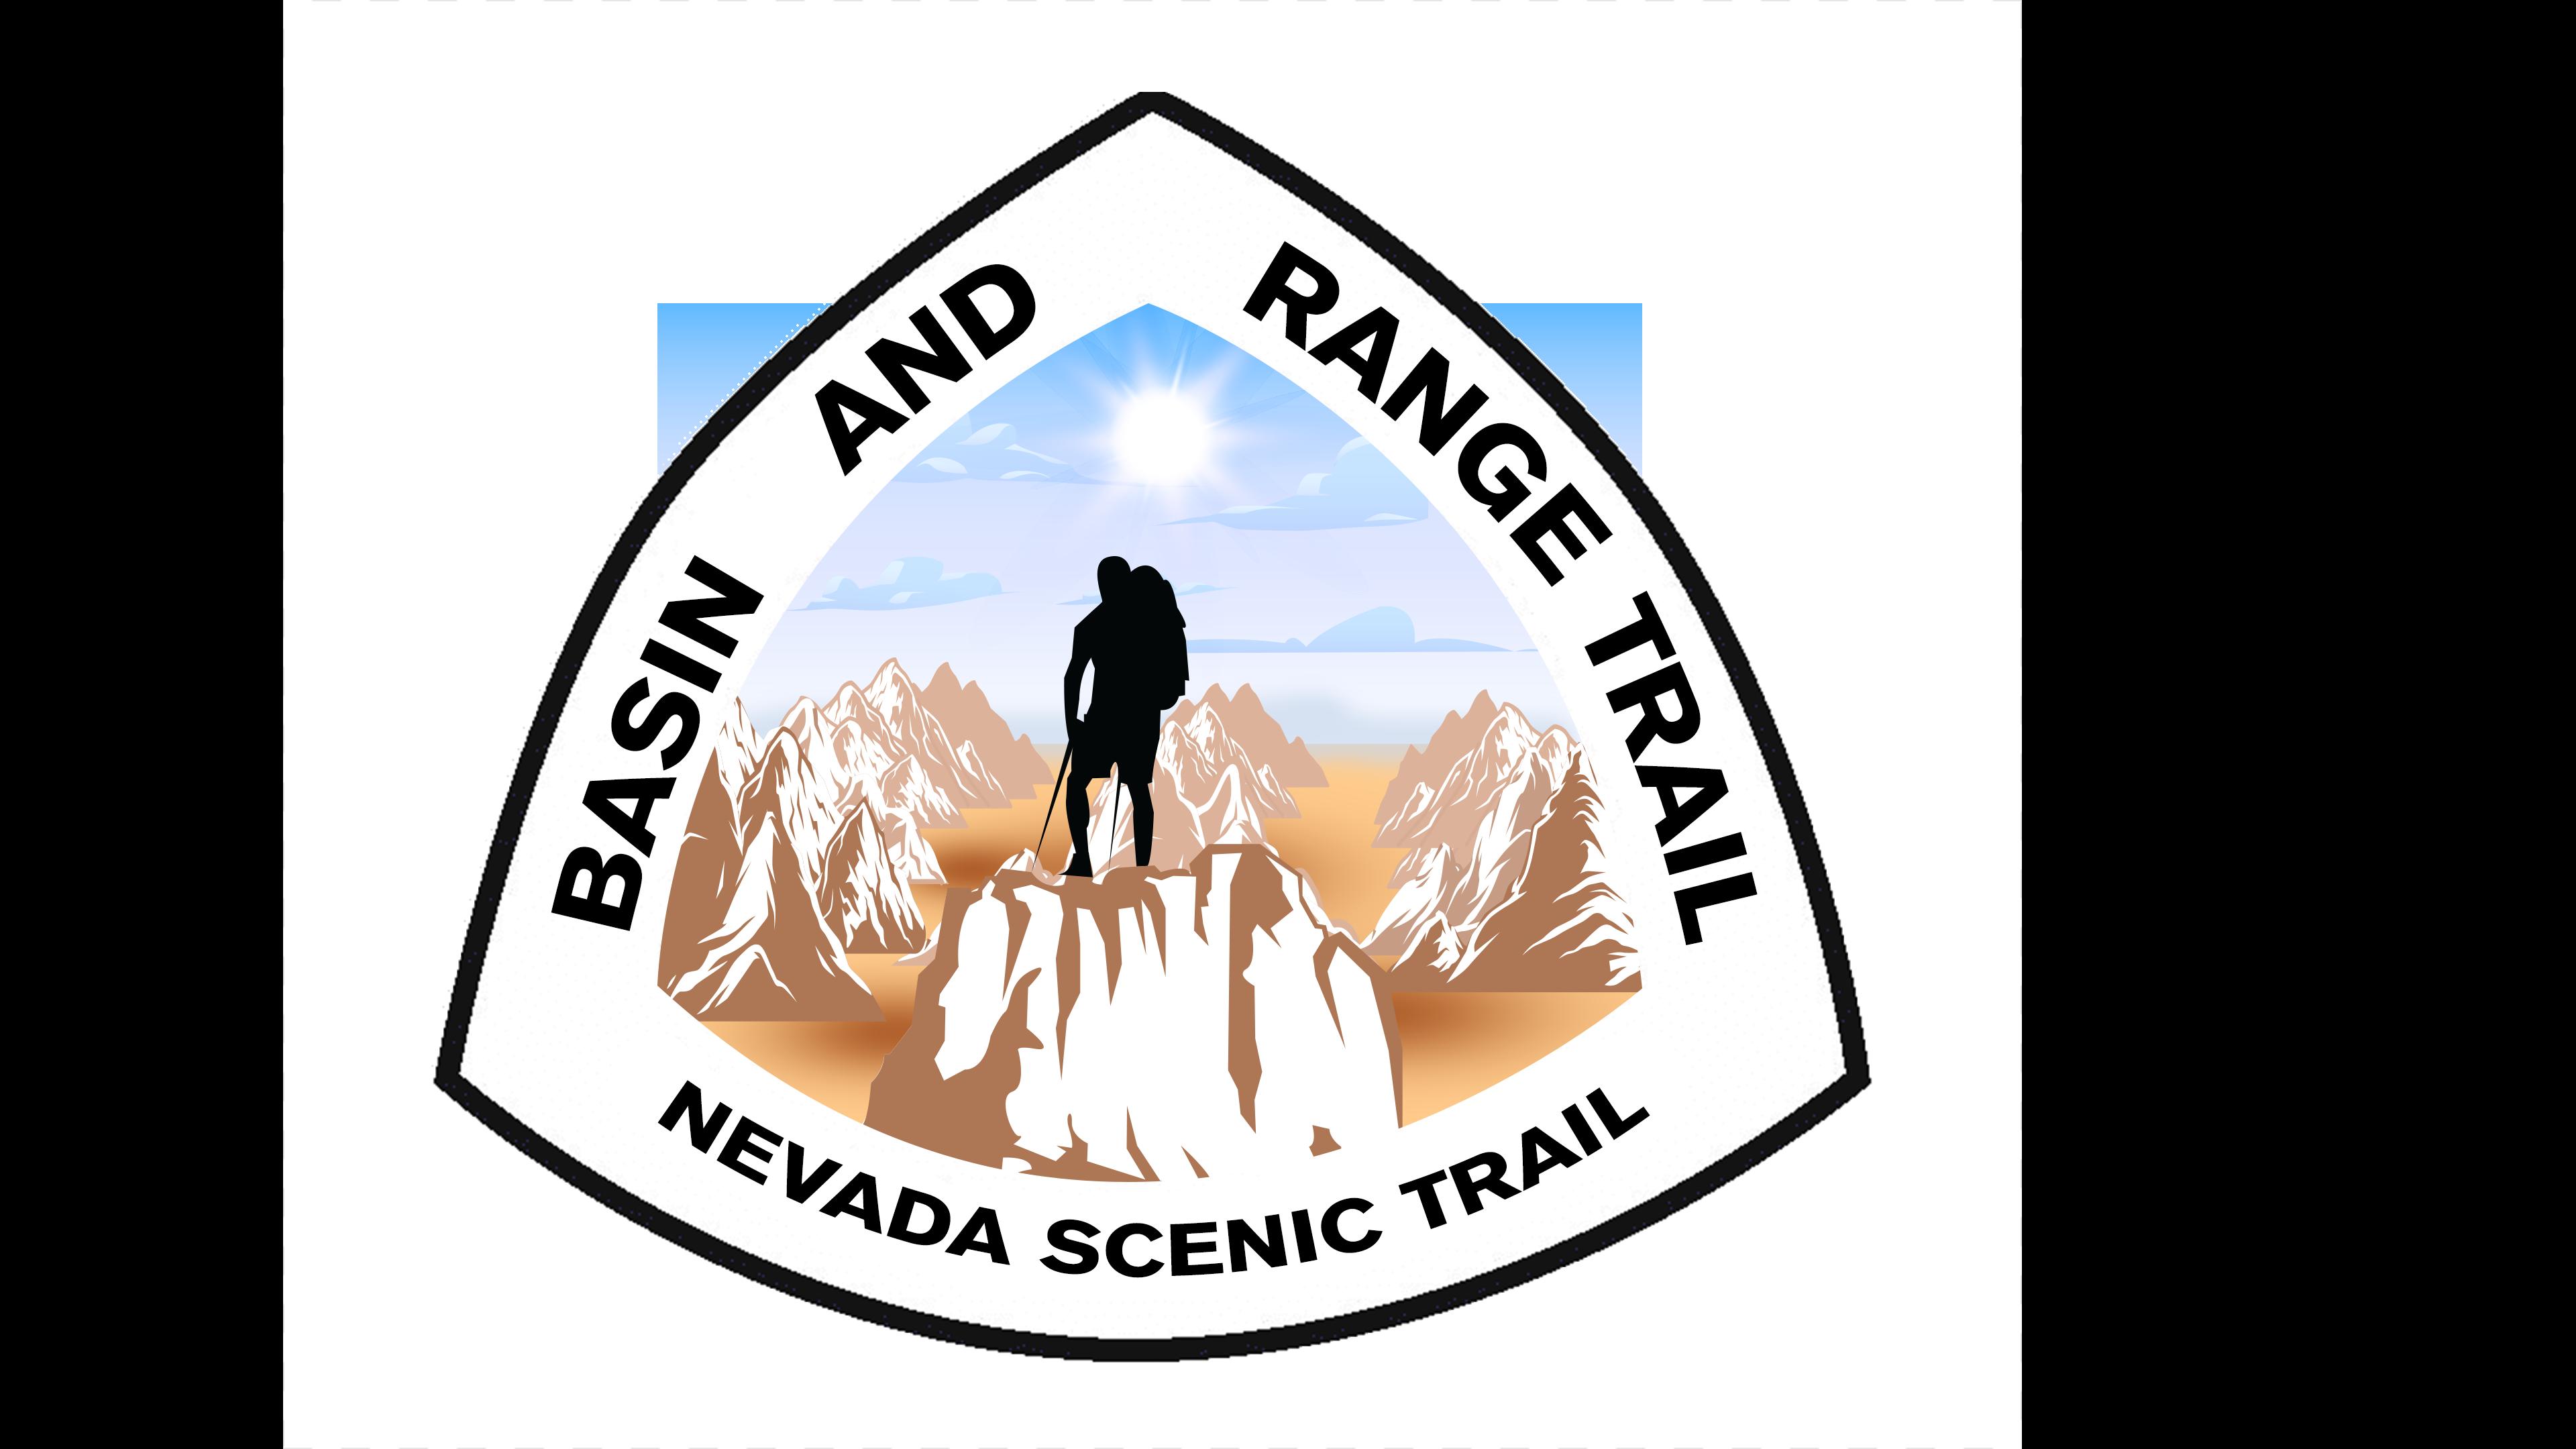 Basin And Range Trail